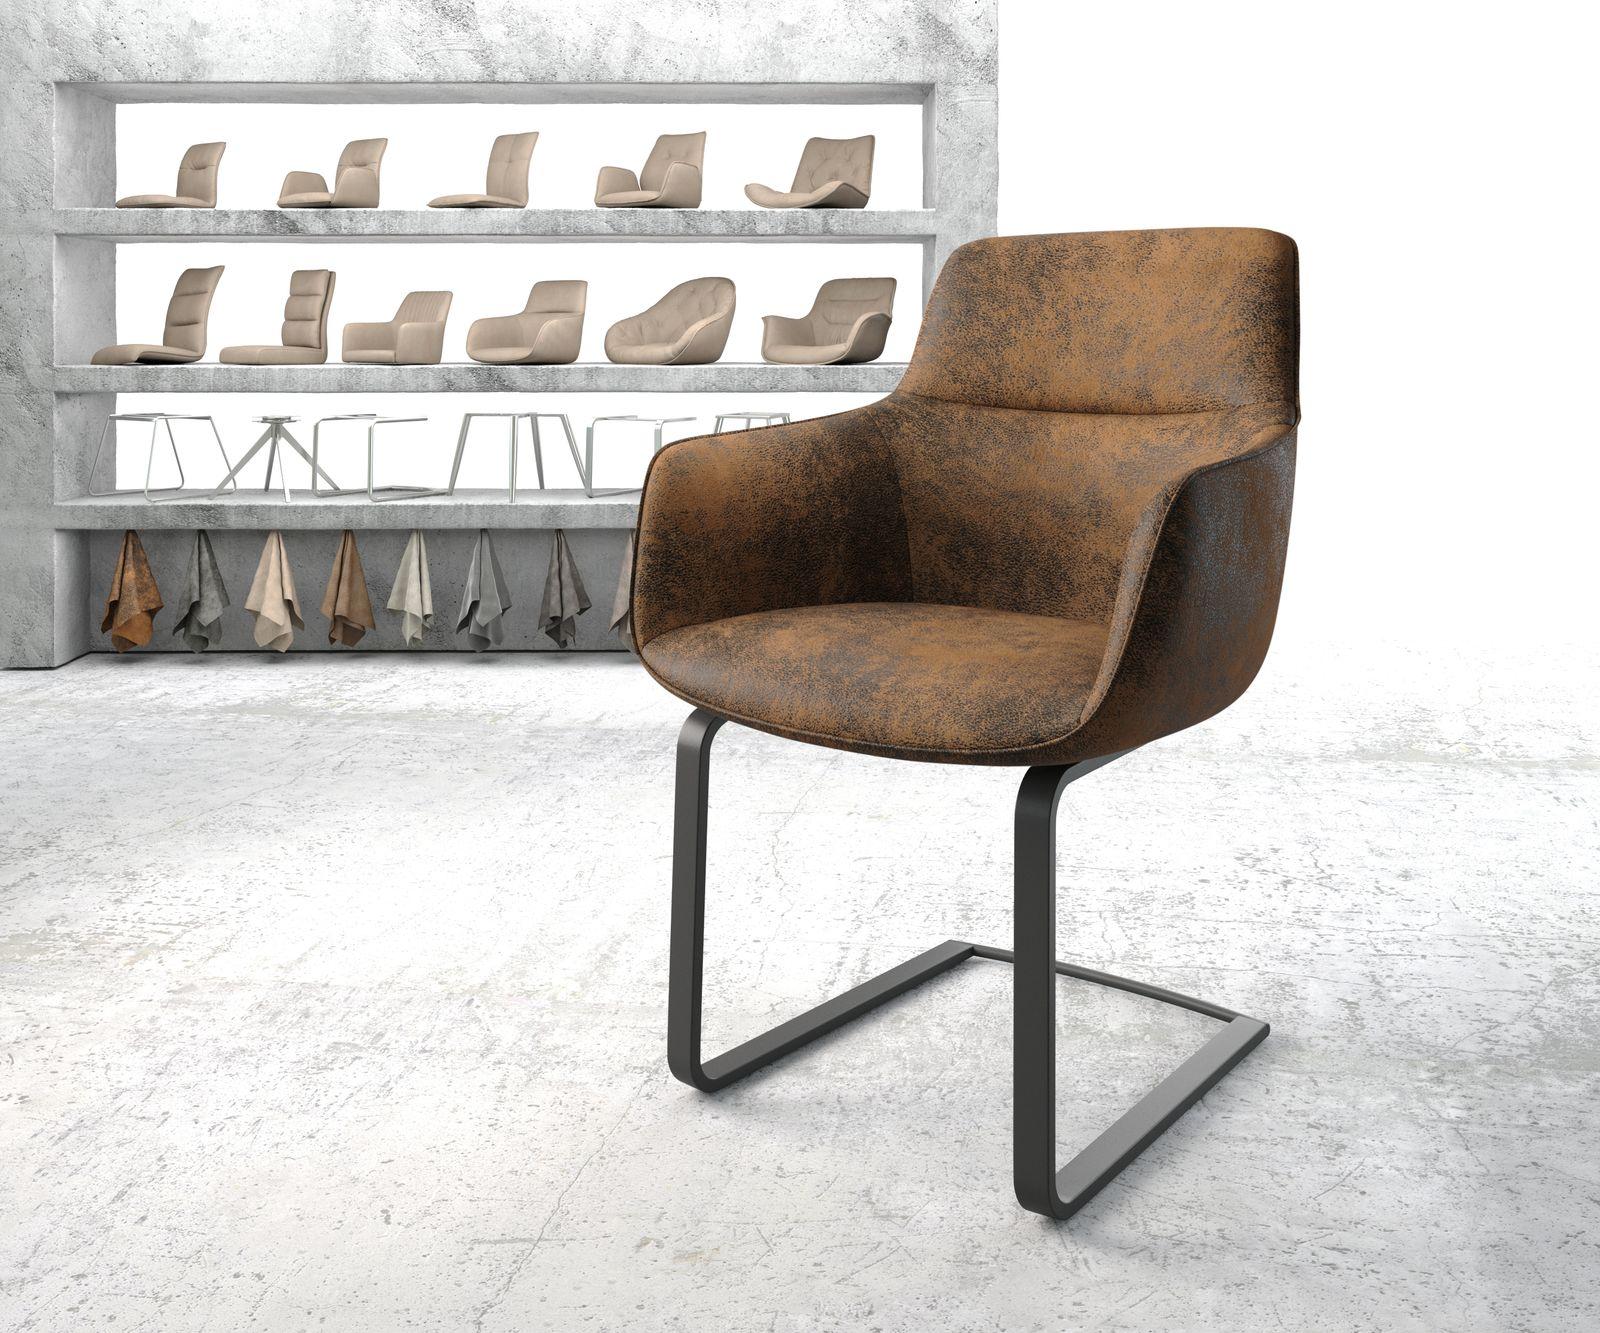 delife-esszimmerstuhl-pejo-flex-braun-vintage-freischwinger-flach-schwarz-esszimmerstuhle, 109.90 EUR @ delife-de